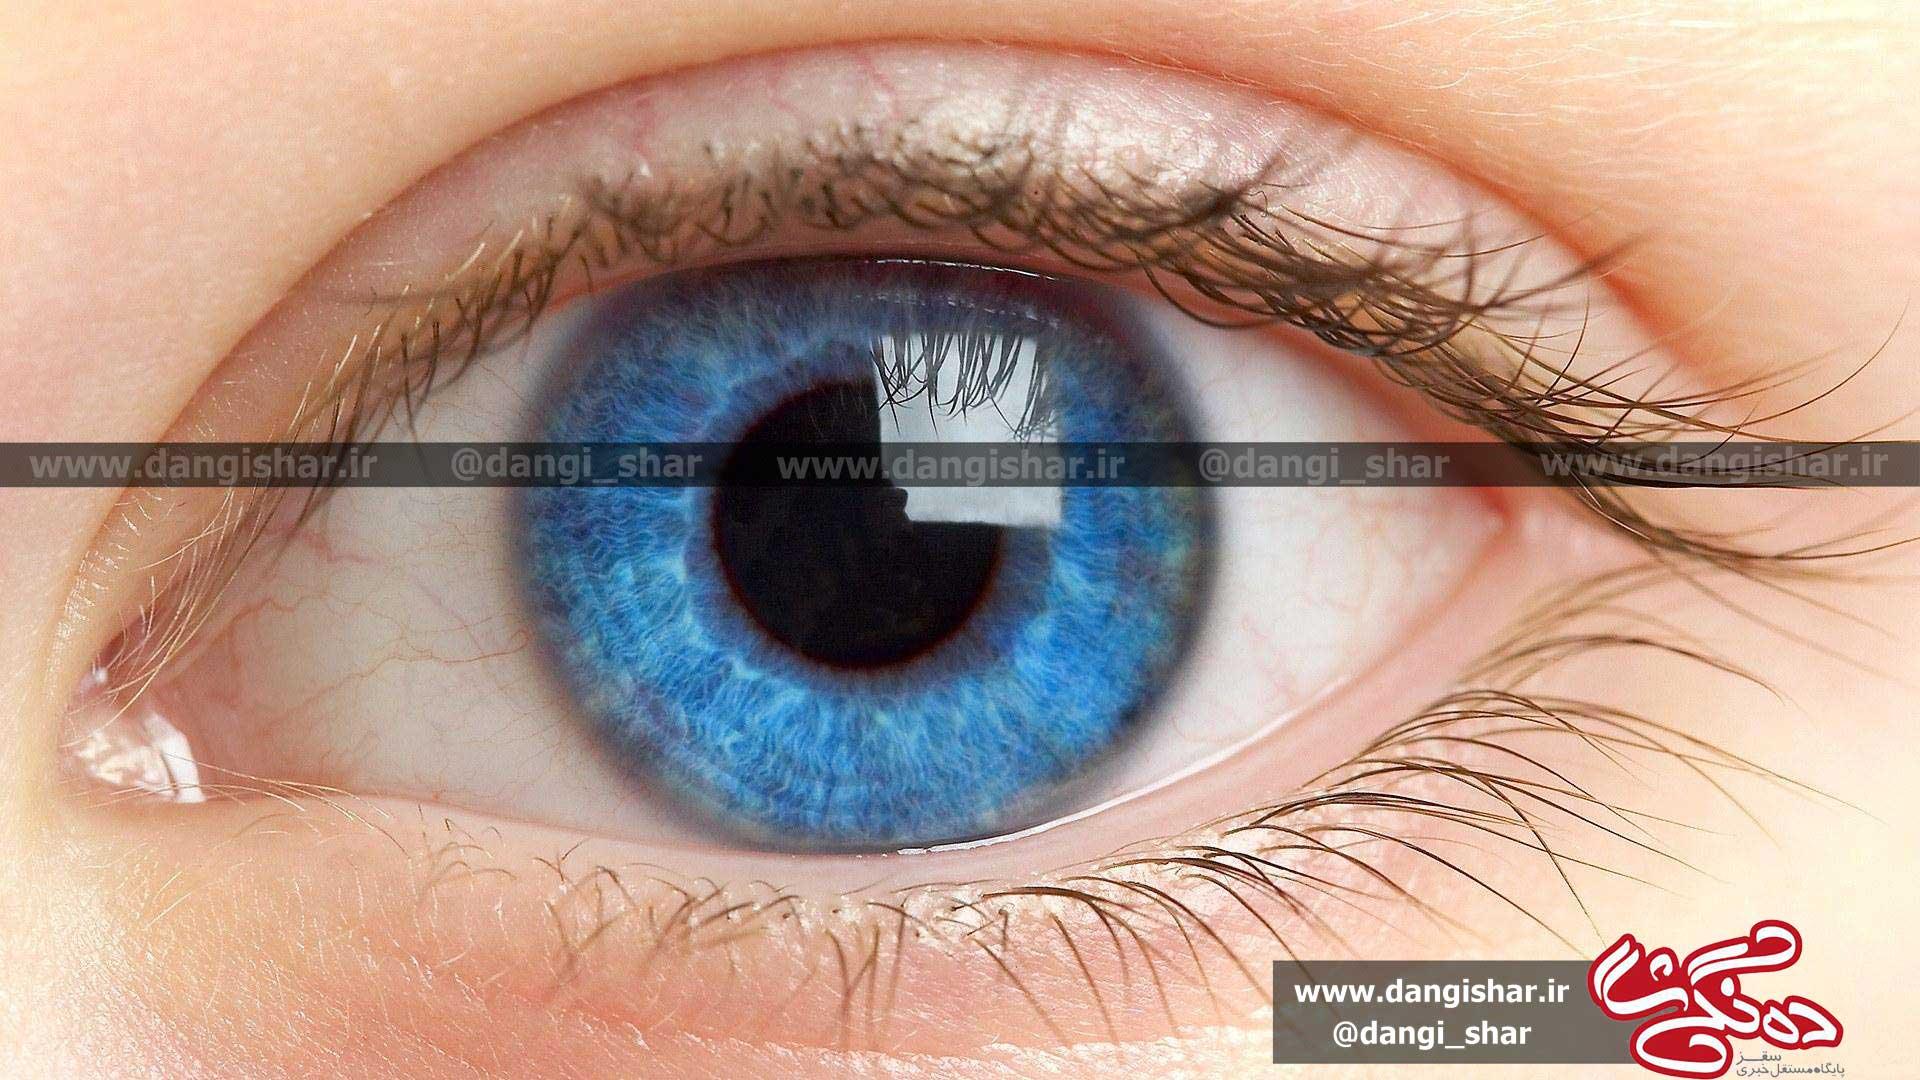 سرطان چشم؛ مهمان ناخوانده فضای مجازی/ وقتی سرطان کاربران تلگرام را تهدید میکند